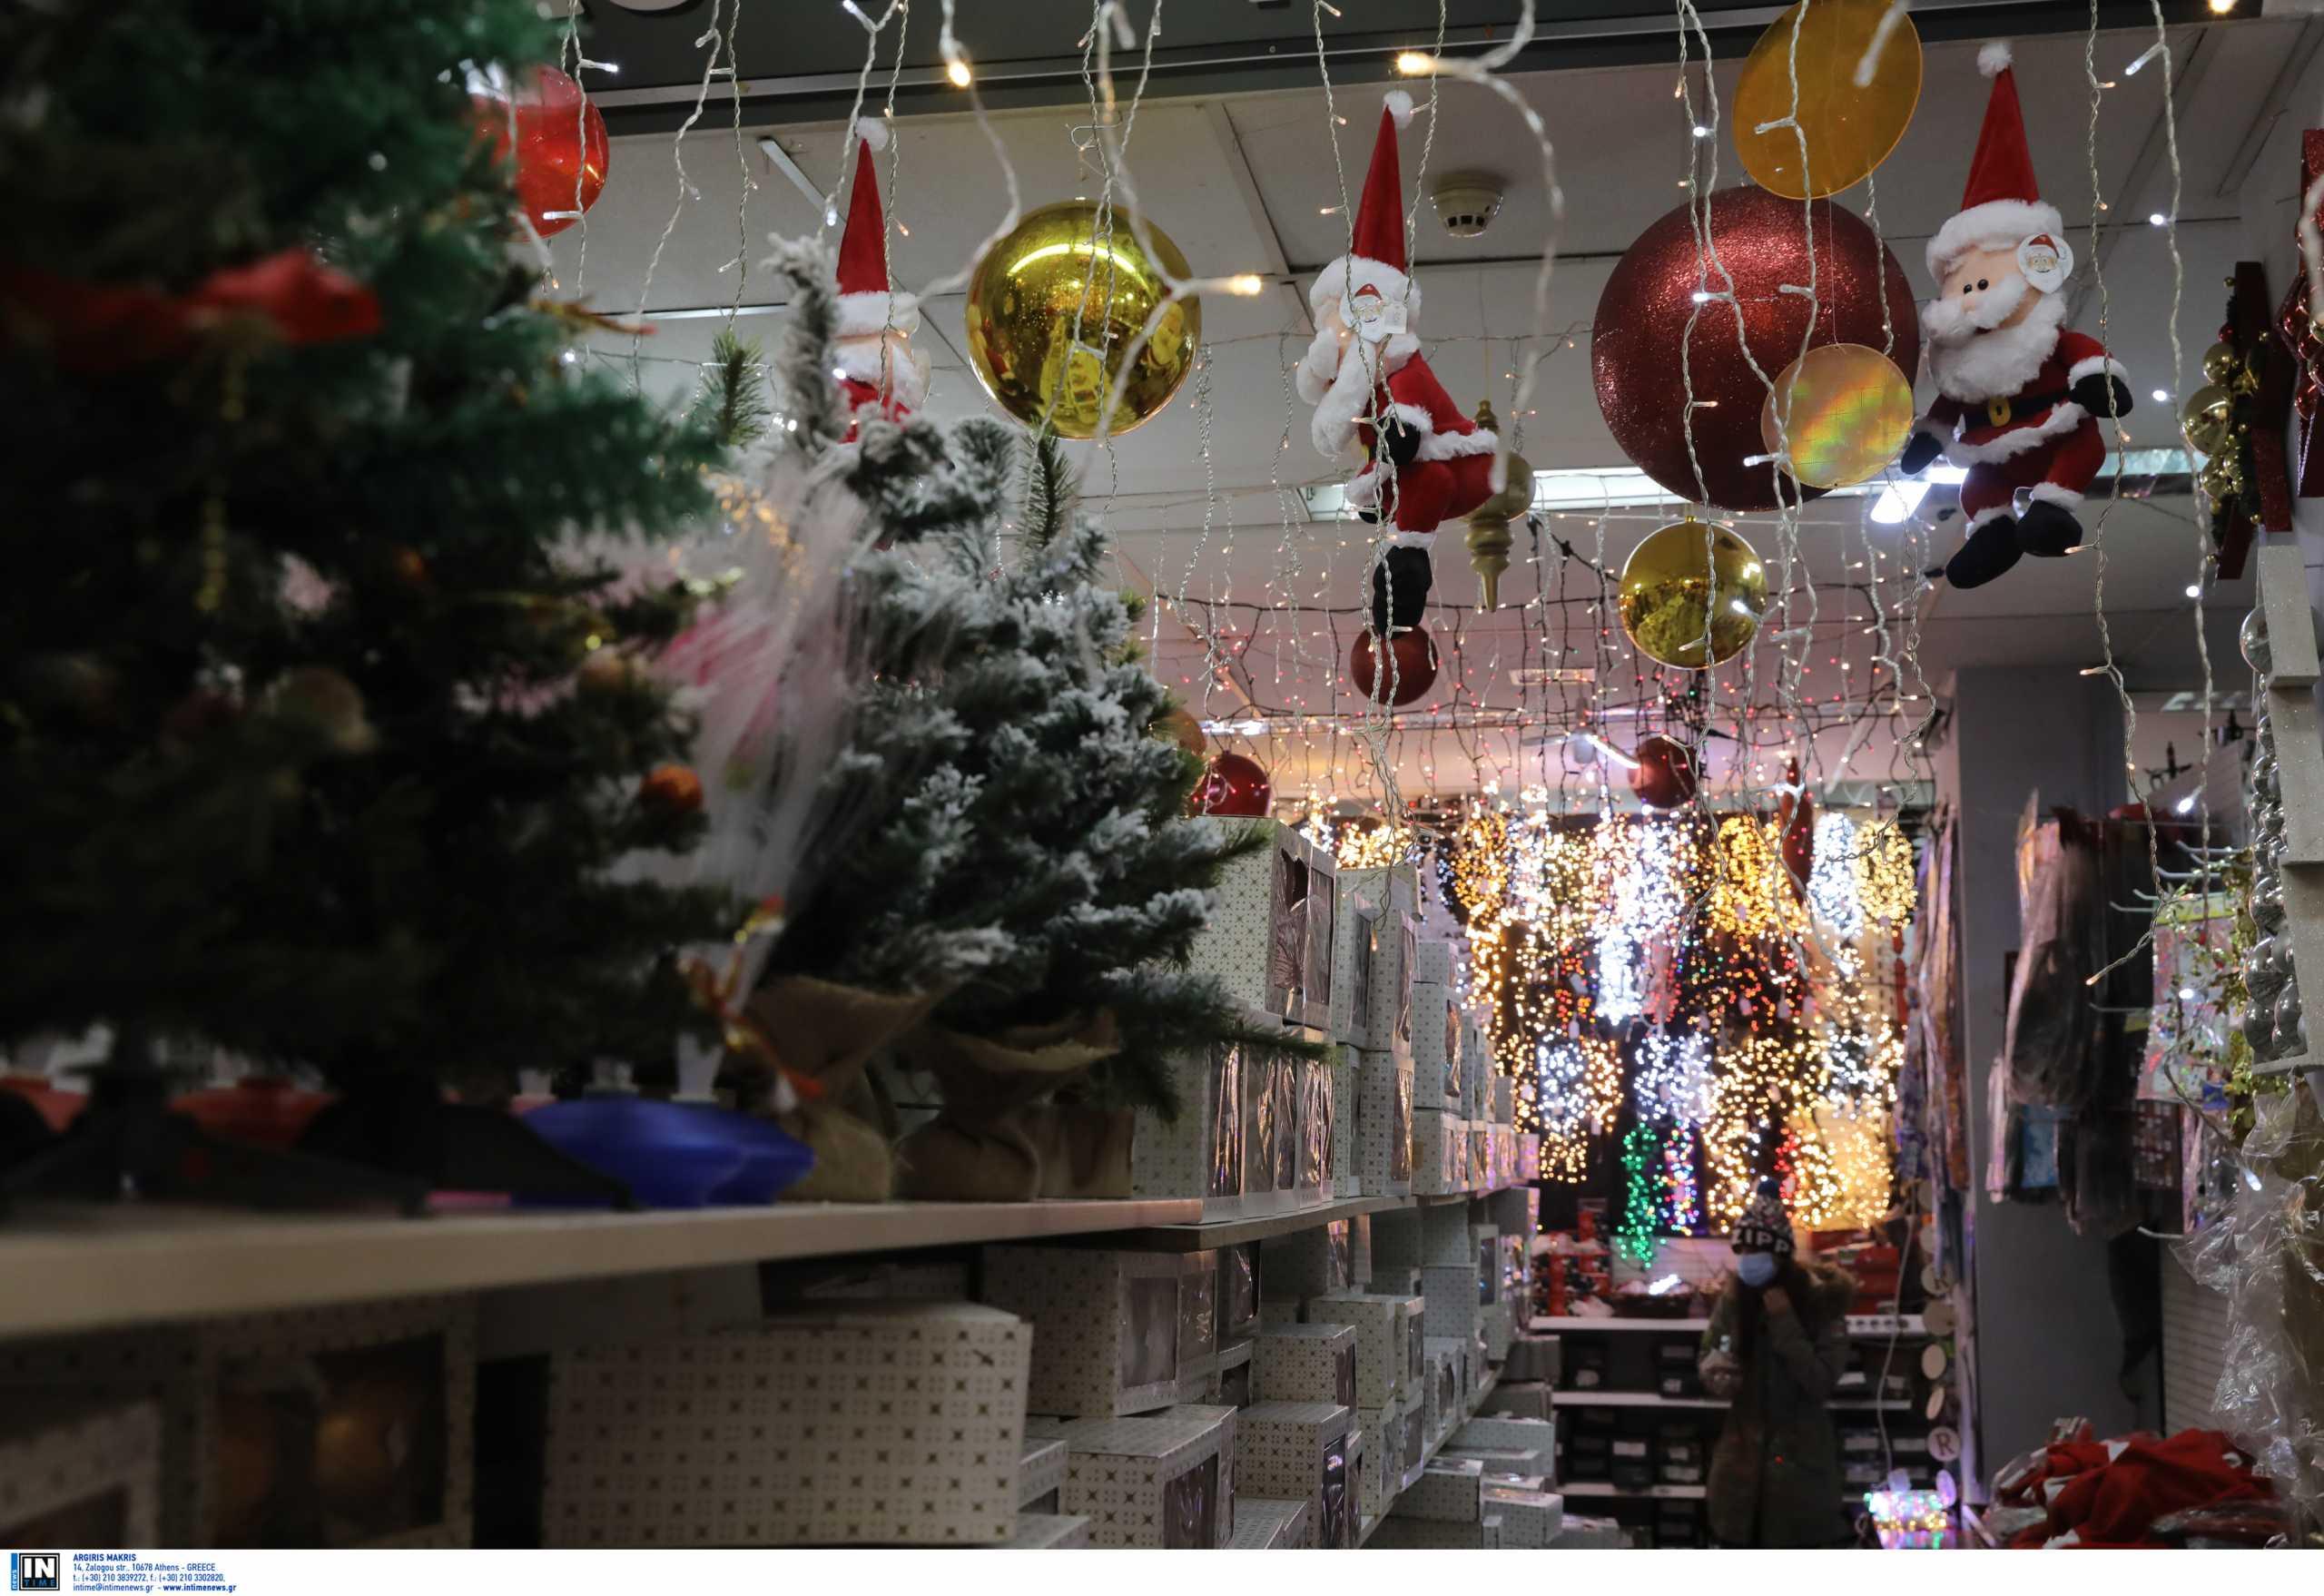 Αγωνία για τον εφησυχασμό των Χριστουγέννων – Νέο «όχι» για αλλαγή στο ωράριο απαγόρευσης της κυκλοφορίας